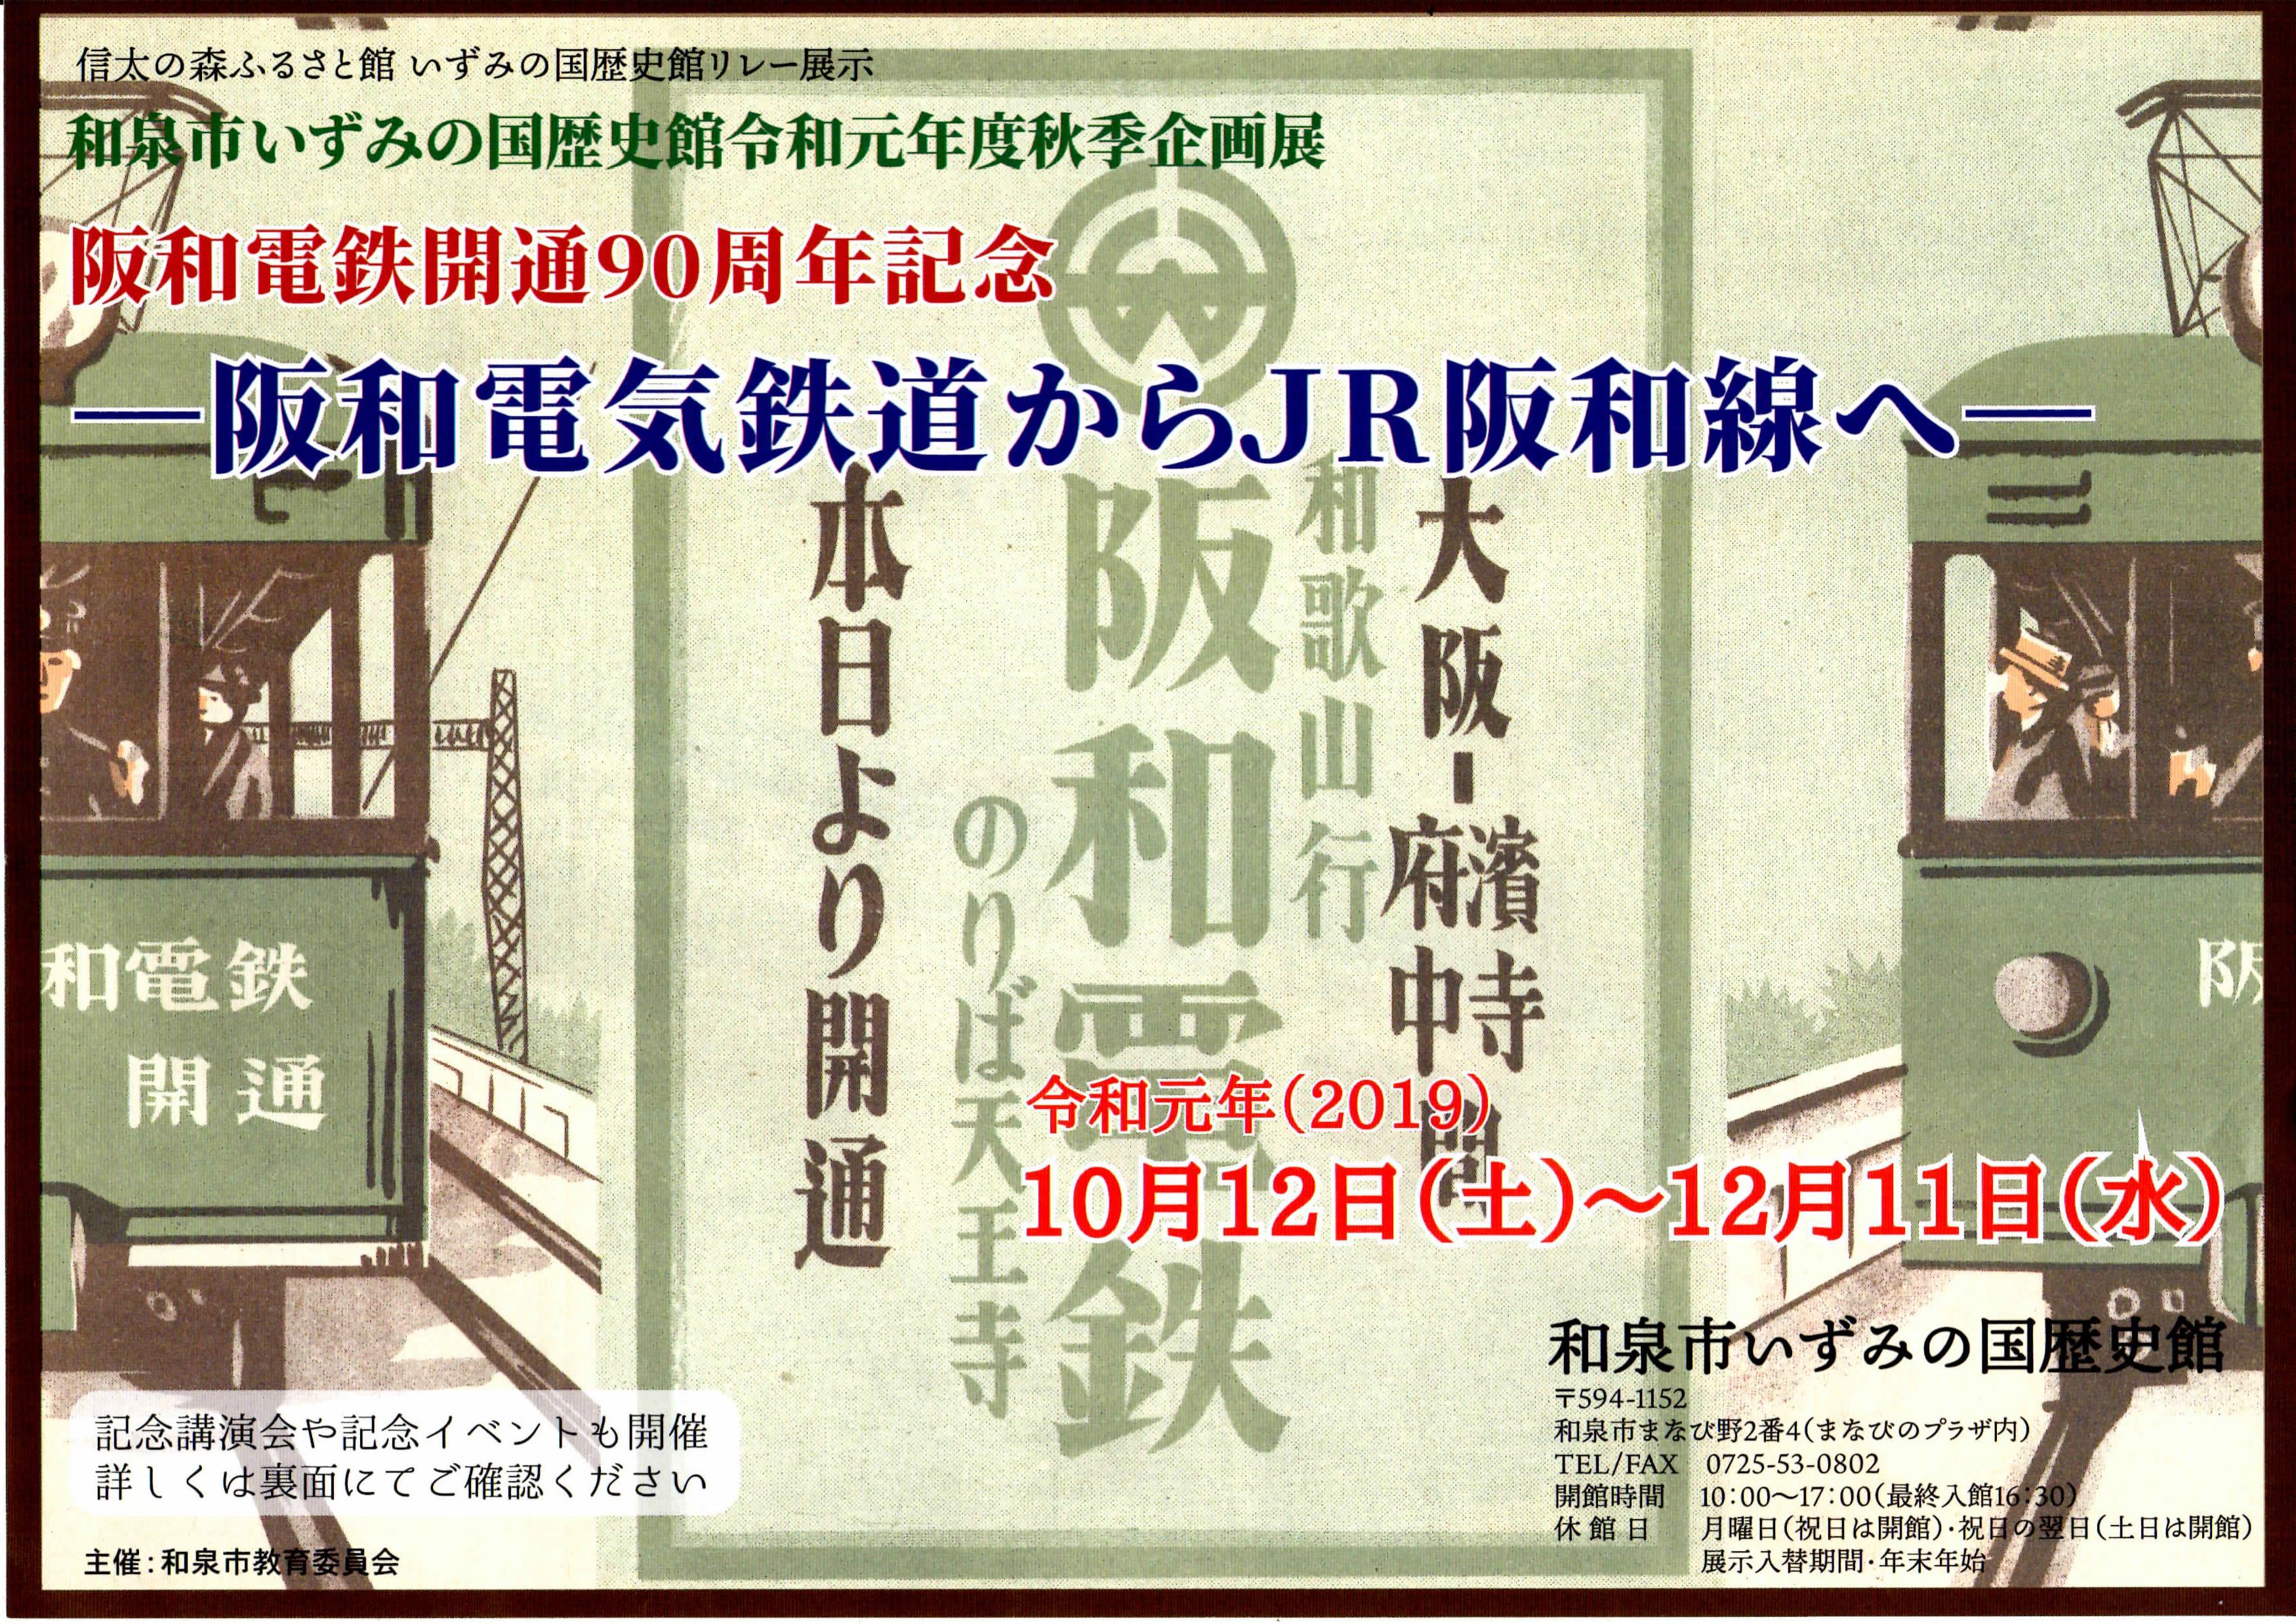 【終了】2019年10月12日(土)~阪和電気鉄道からJR阪和線へ いずみの国歴史館にて